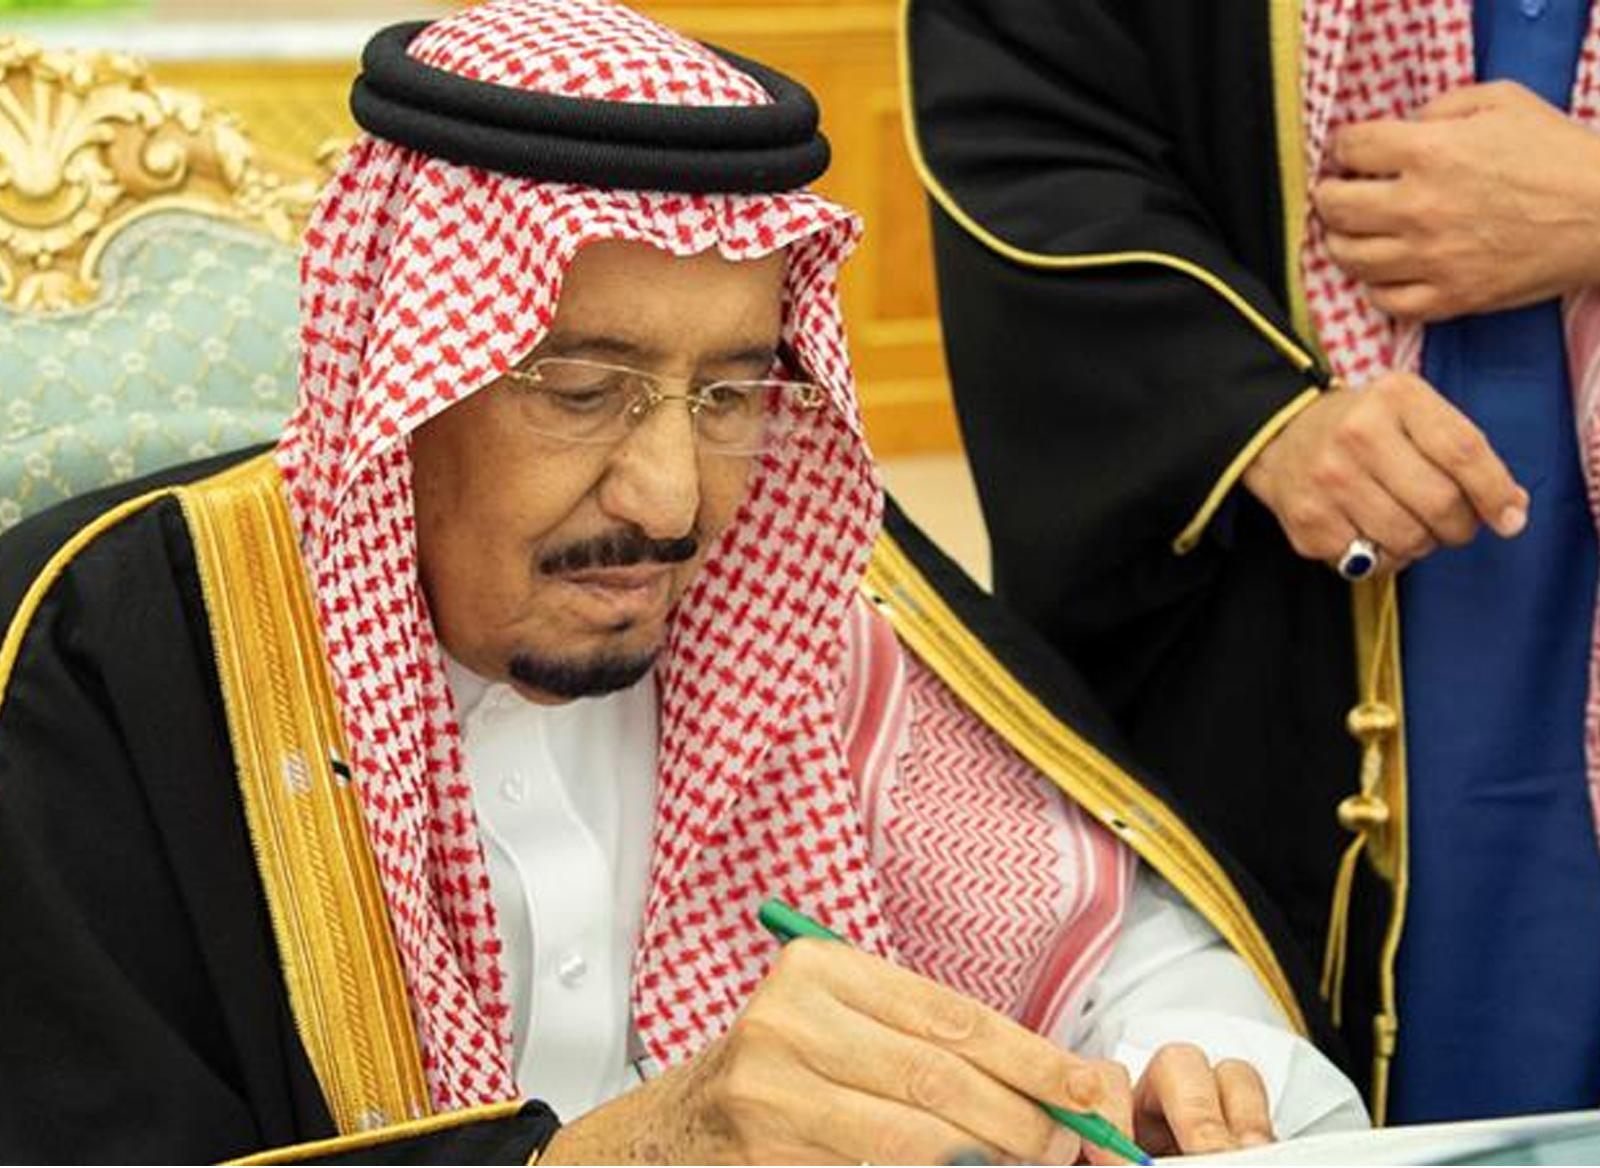 साउदी राजाले दिए कोरोना आशंका भएका सवै विदेशीको निःशुल्क उपचार गर्न आदेश